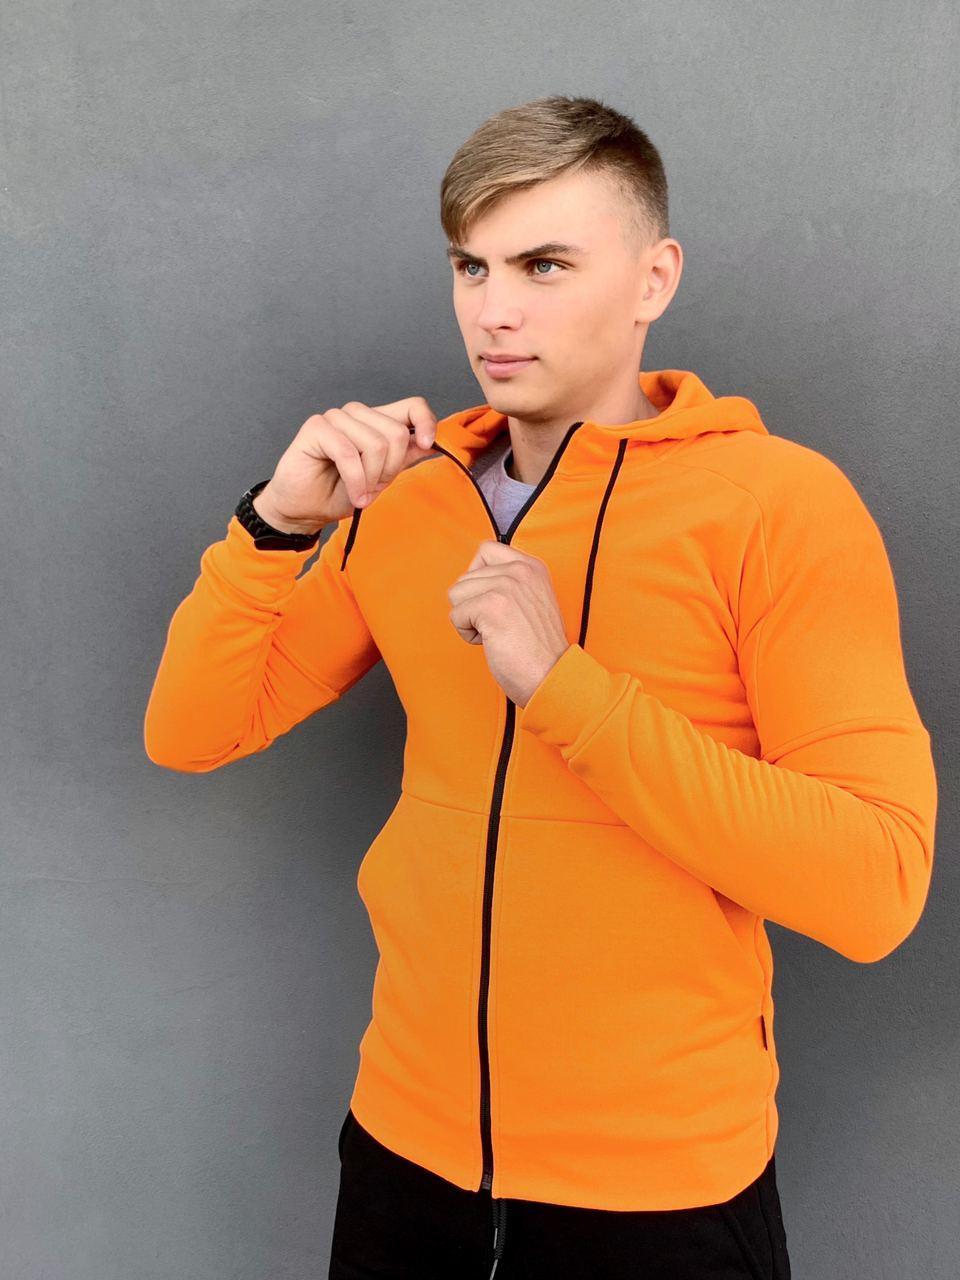 Кофта Мужская Intruder Cosmo спортивная толстовка с капюшоном оранжевая